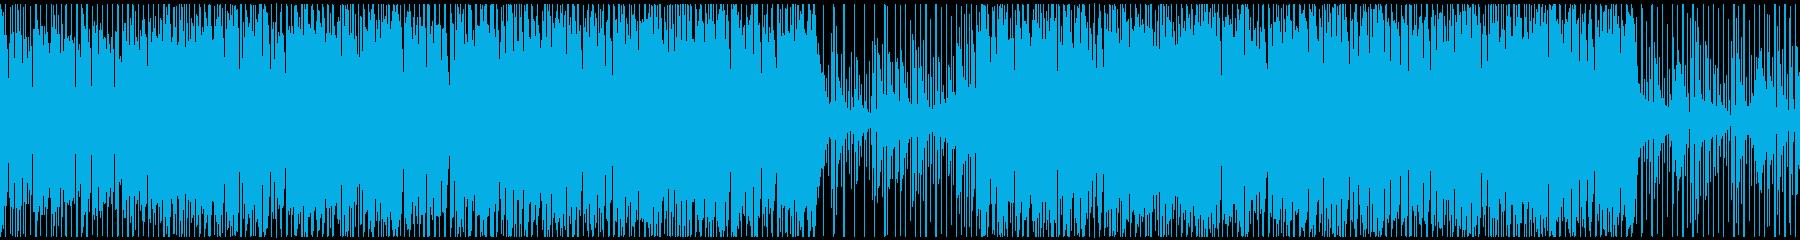 【ループ対応】上品オシャレ♪ポップEDMの再生済みの波形